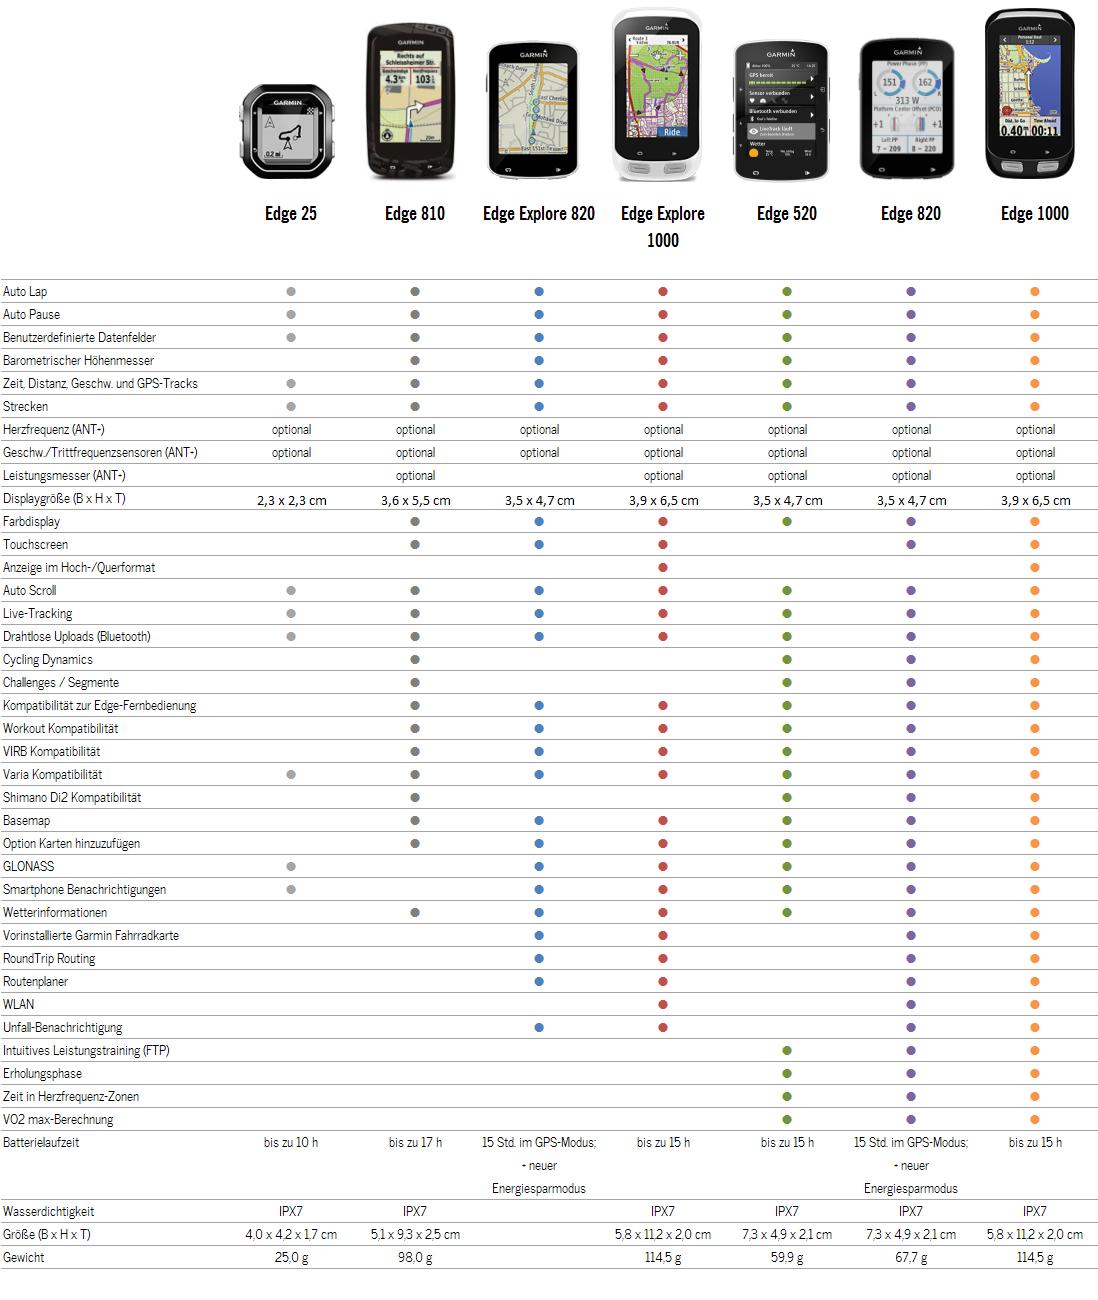 Tabelle-Garmin-Produktvergleich-Edge-Radcomputer-Familie-02